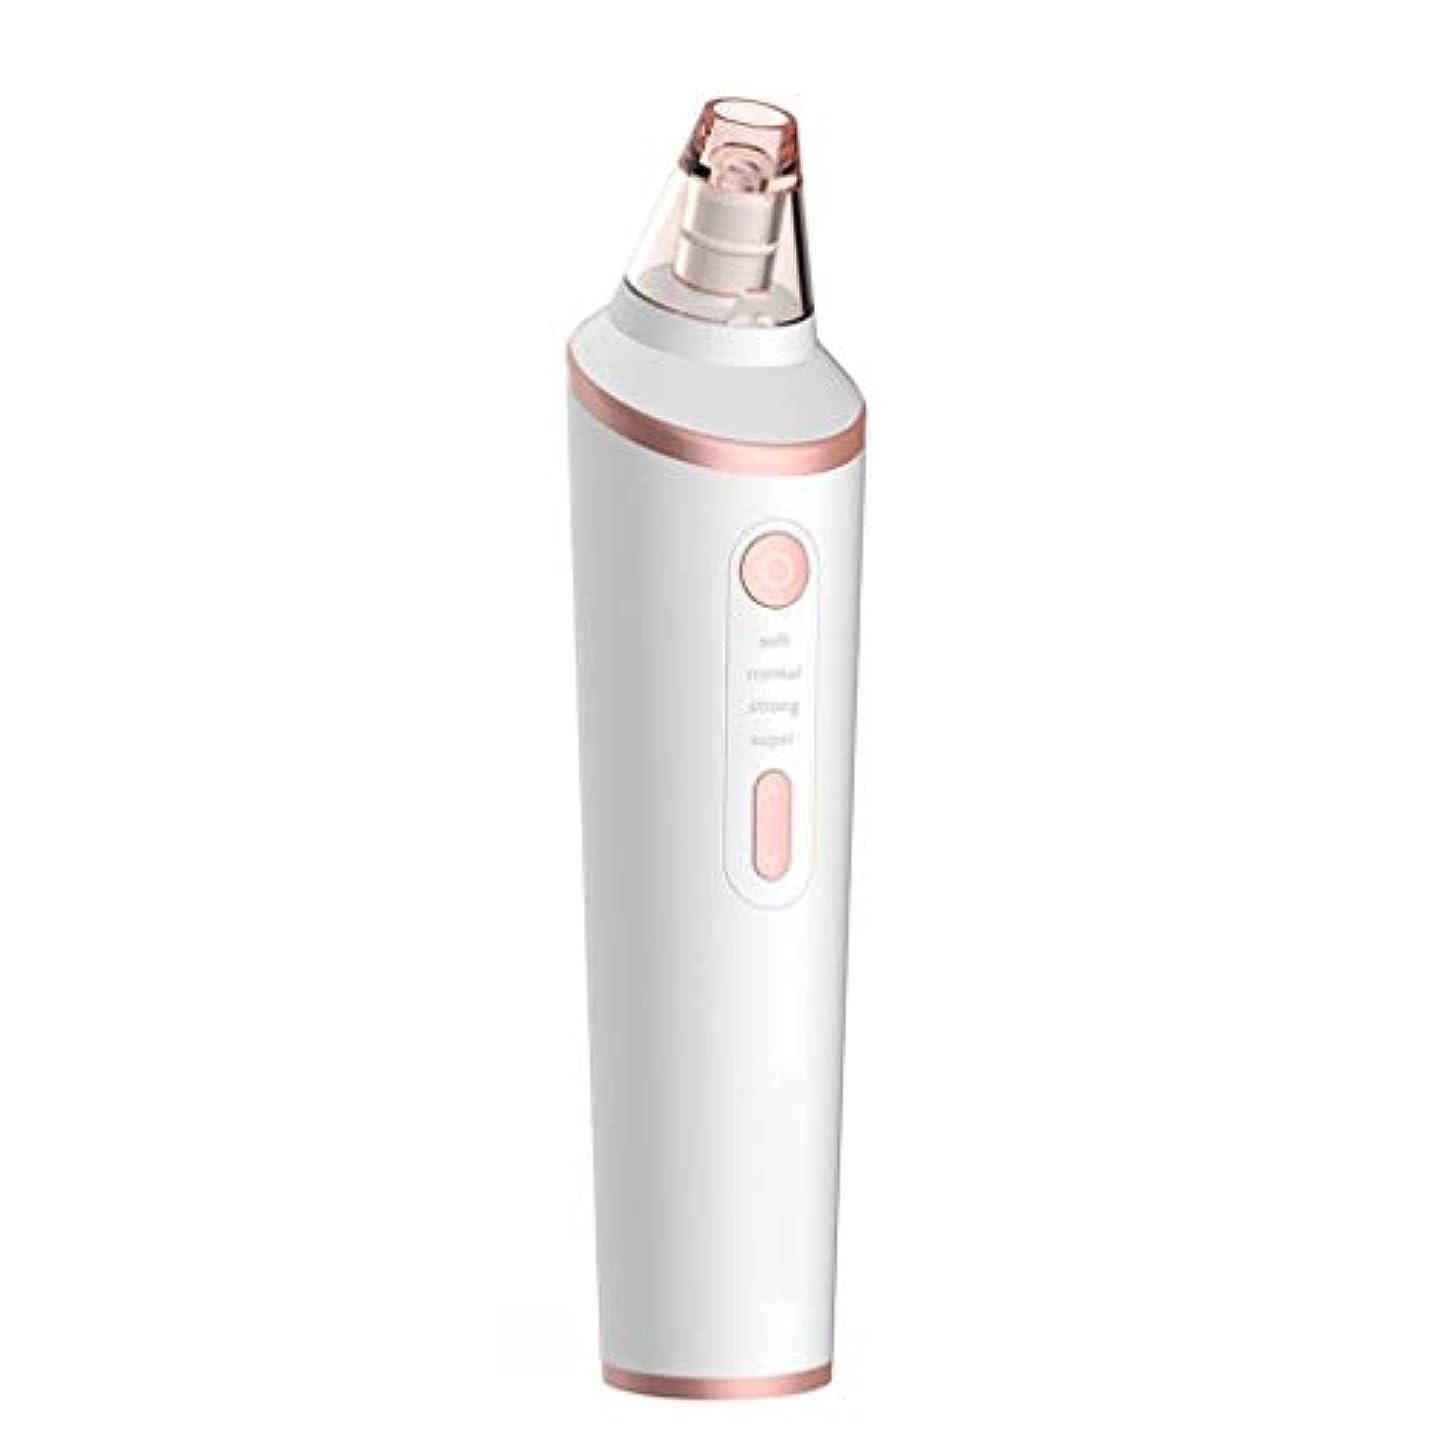 記録エイズ葉巻HIZLJJ 電気にきびアーティファクト掃除機掃除機電気吸引顔にきび抽出ツール用ledディスプレイ用女性&男性